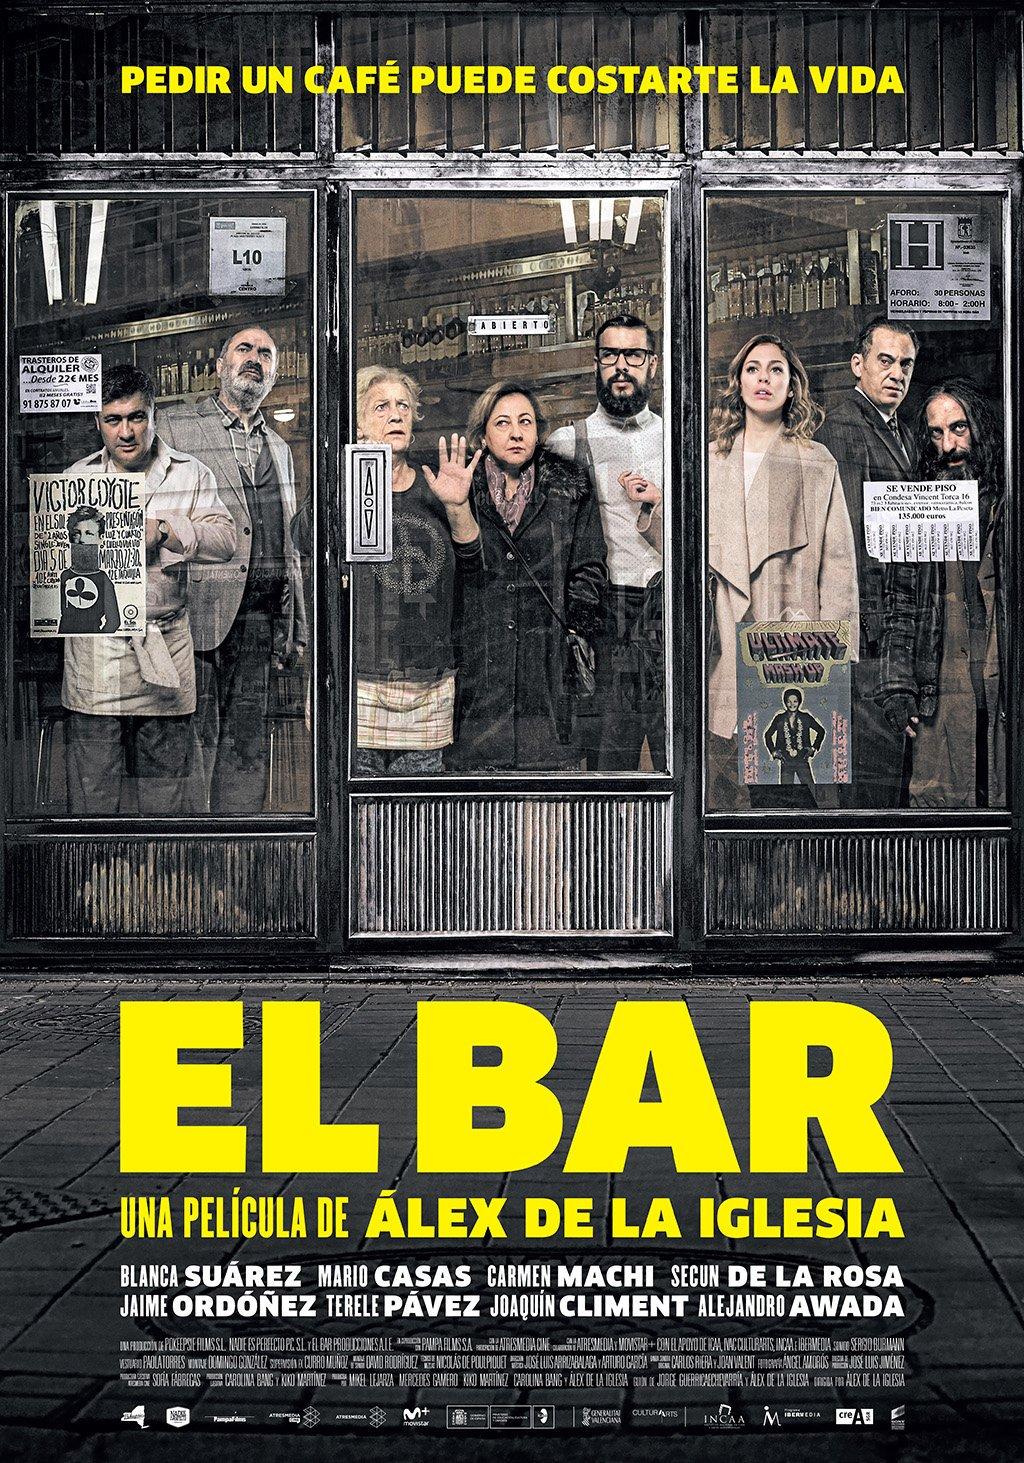 'El bar' Muy @alexdelaIglesia : gran comienzo, tensión y desvarío de los personajes que acaba en locura desatada. Revulsiva y entretenida. https://t.co/GrSBemil4k